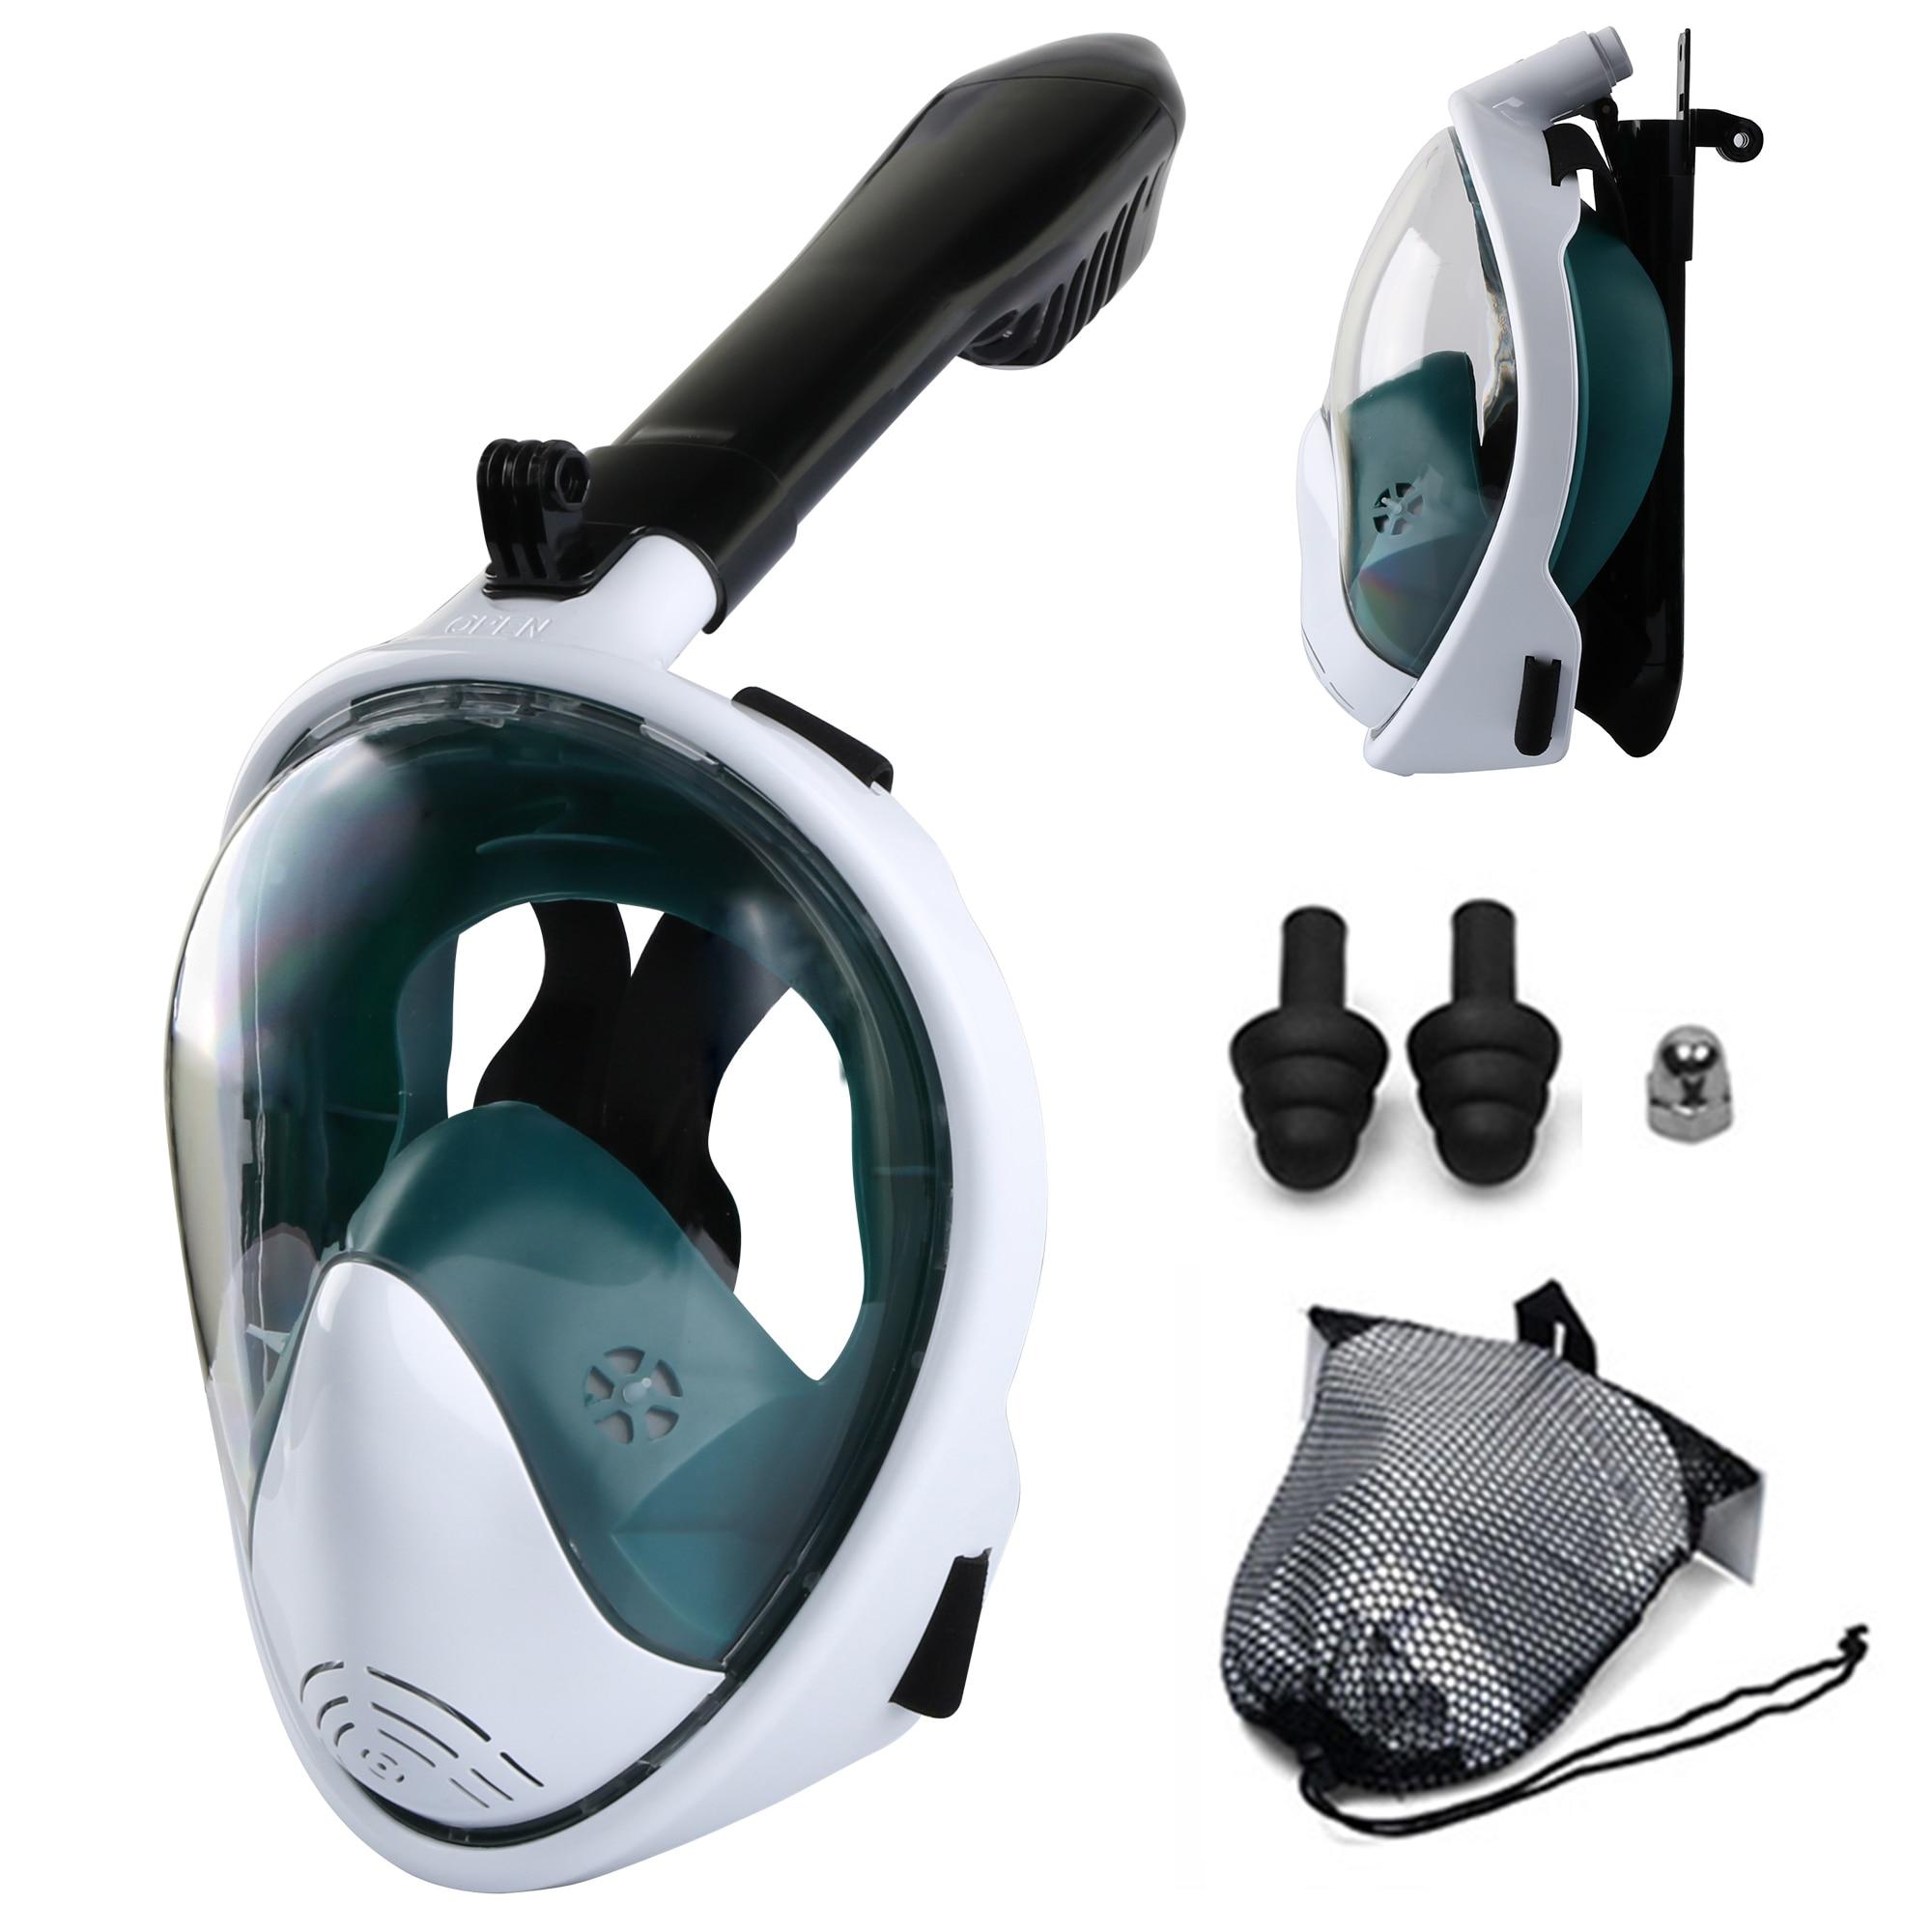 Маска для подводного плавания, незапотевающая на все лицо, дыхательные маски для сноркелинга, безопасное водонепроницаемое оборудование д...